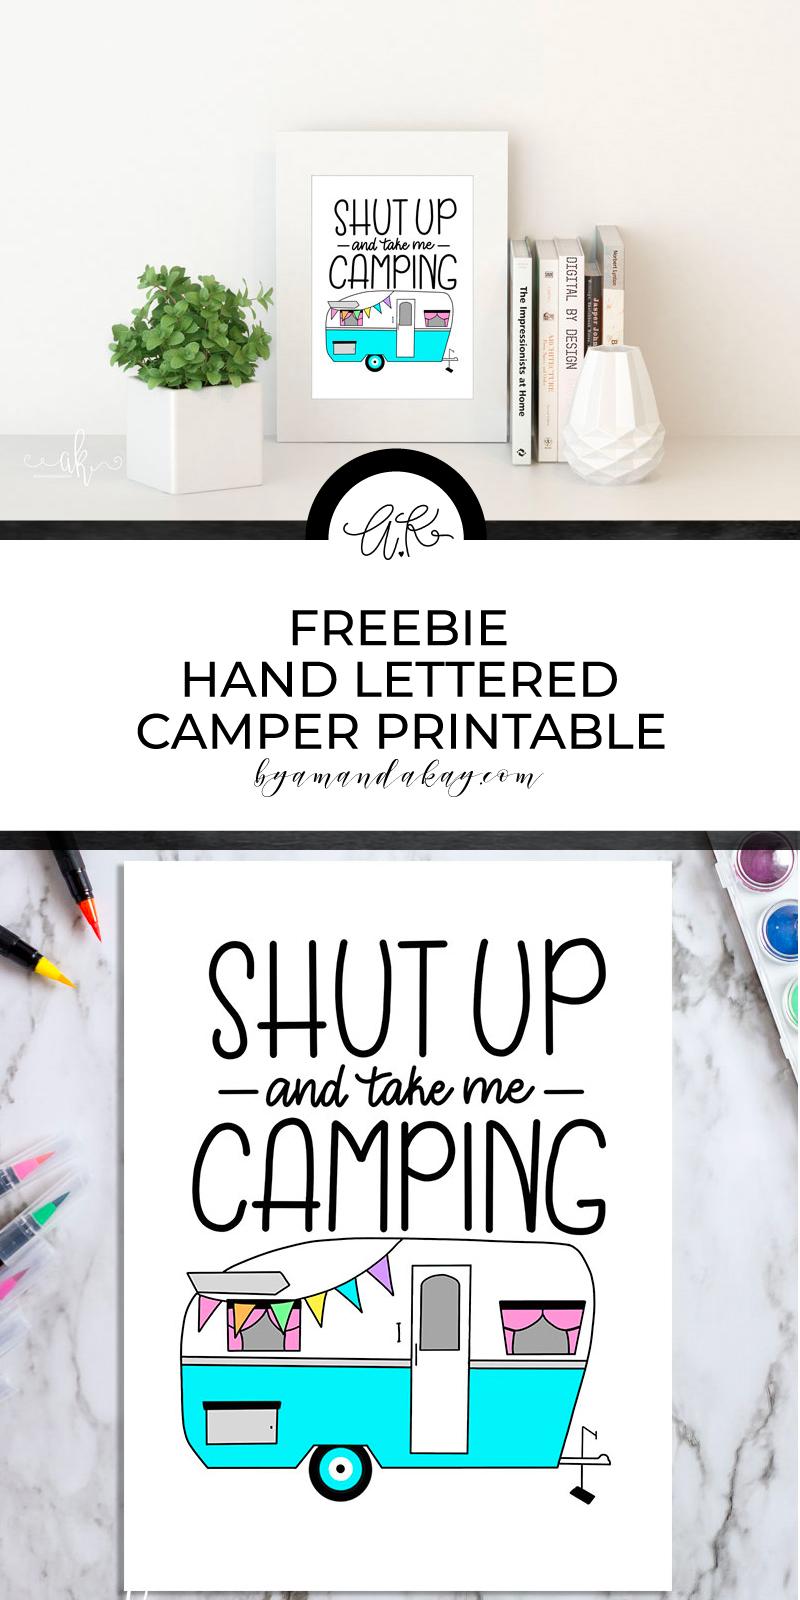 Free download! Hand lettered Camper Printable